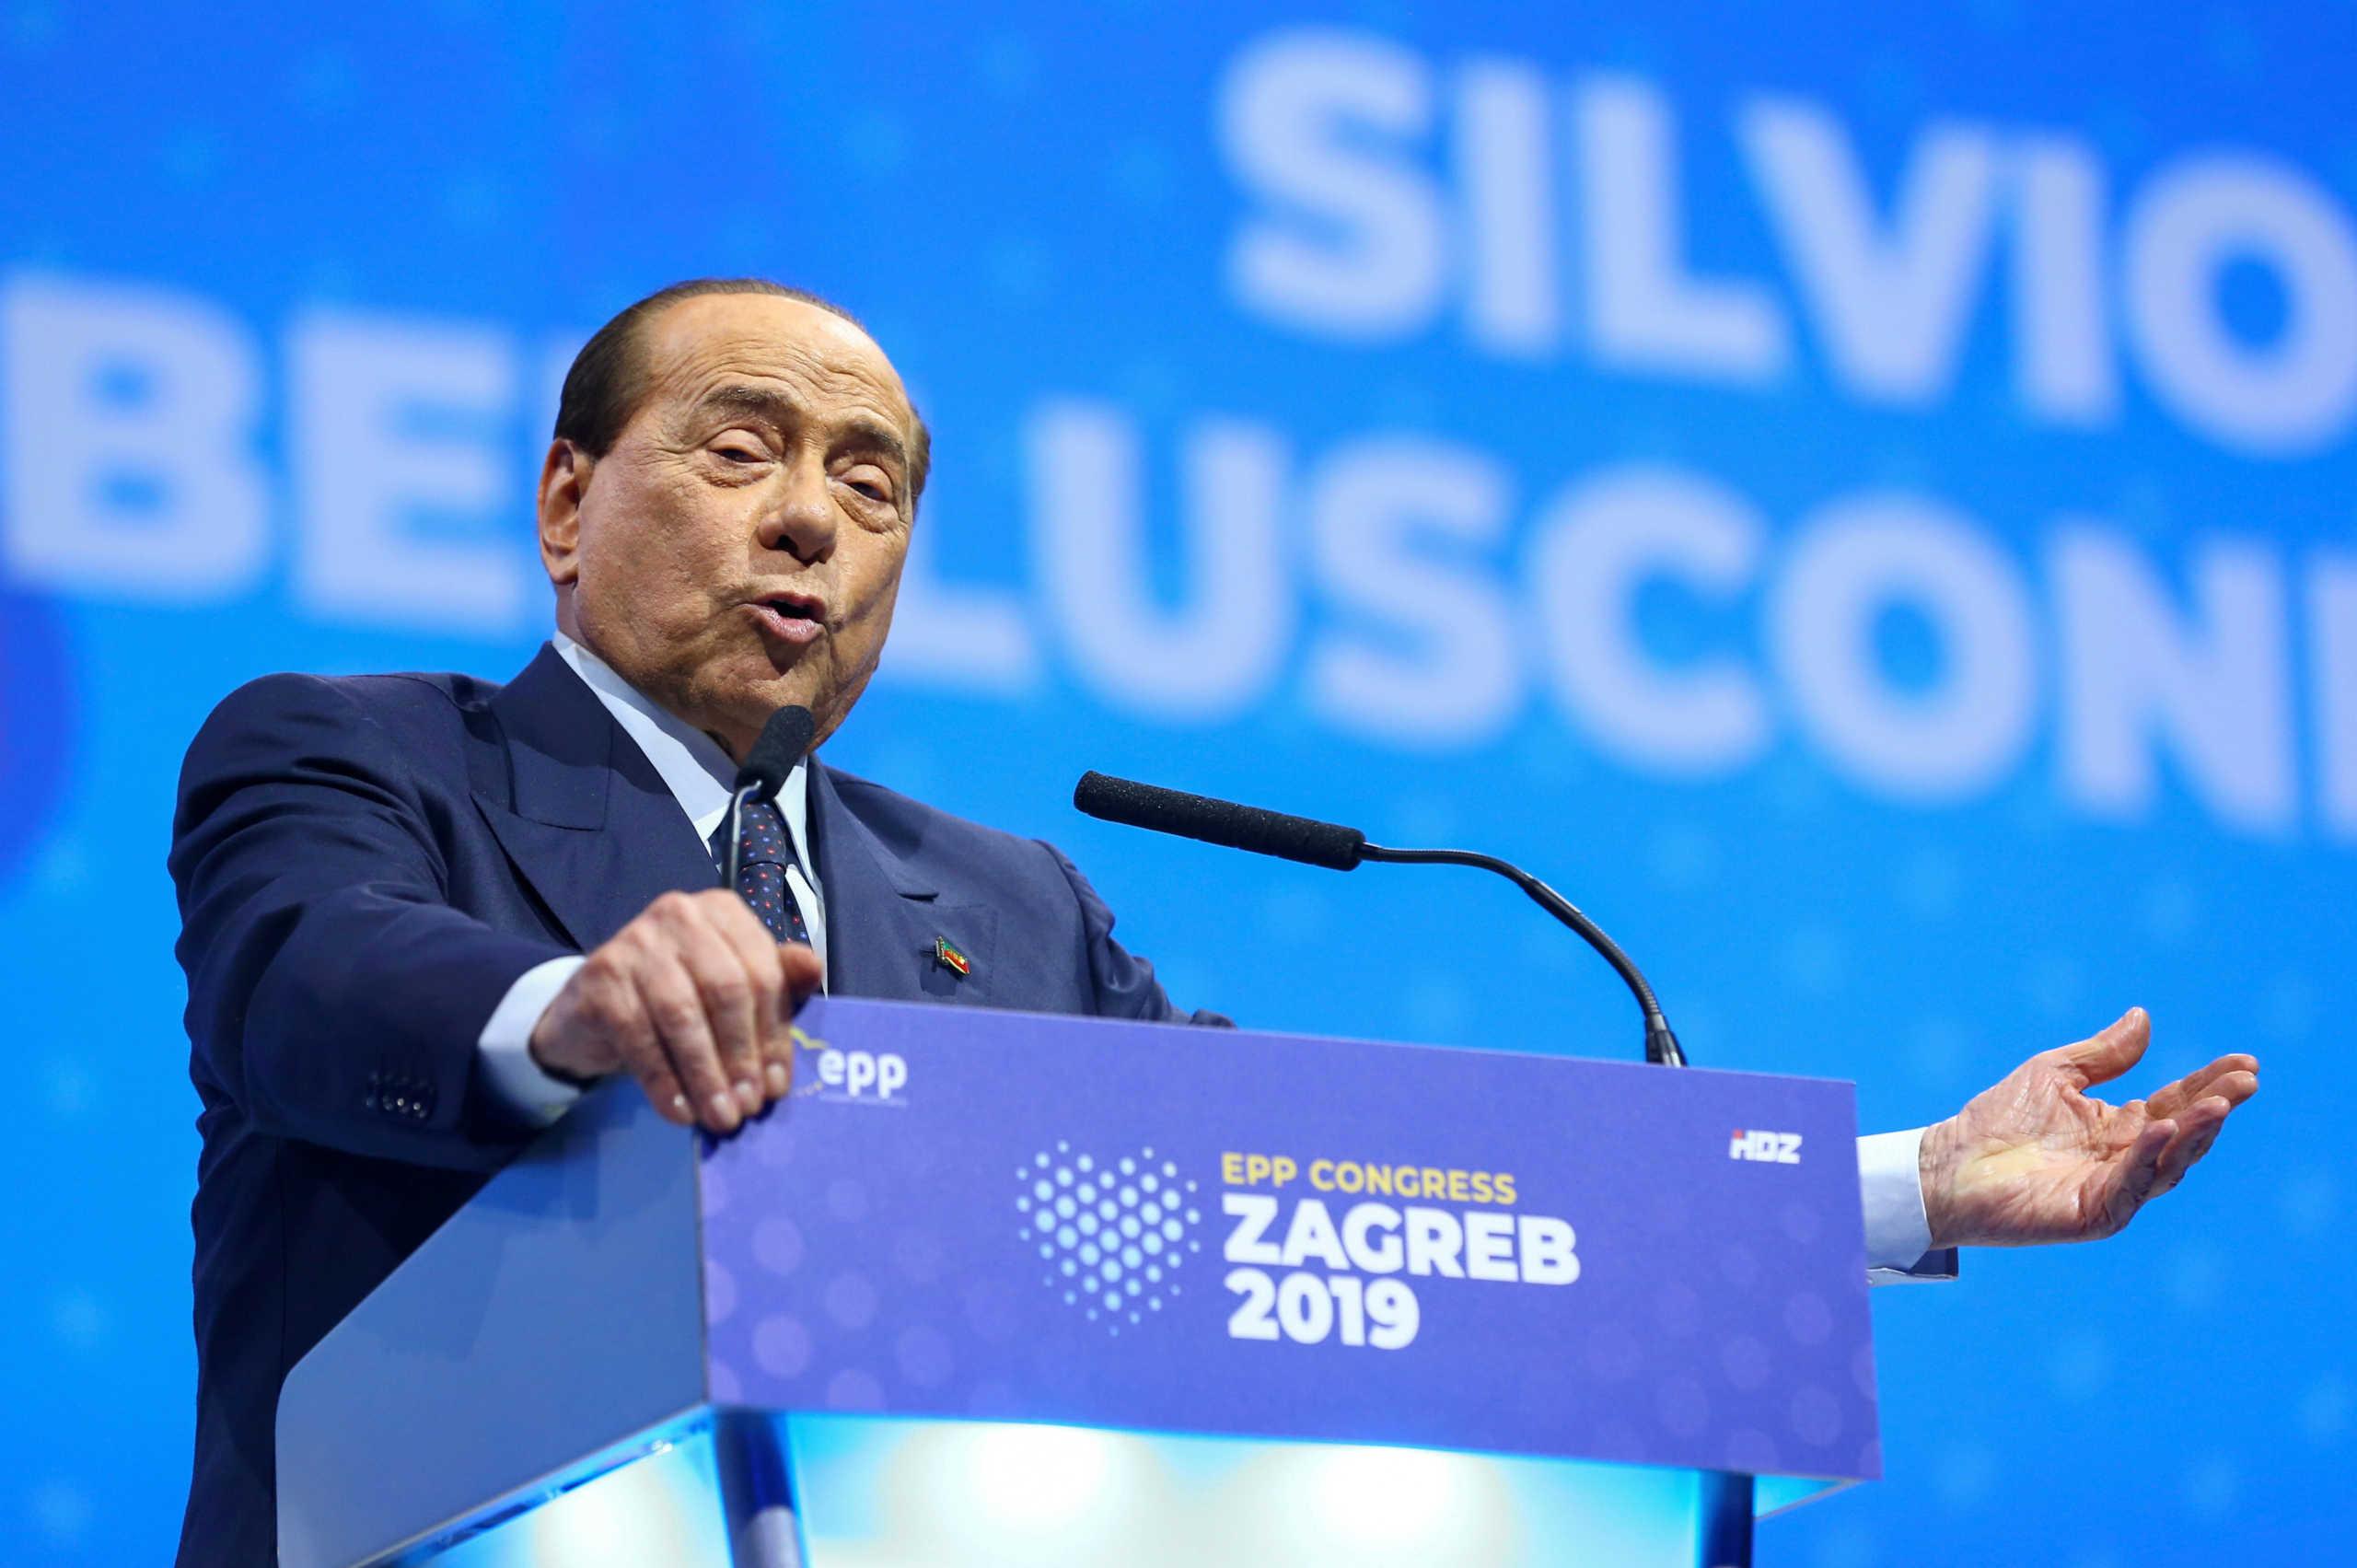 """Ιταλία: """"Ψήνεται"""" επιστροφή του Μπερλουσκόνι στην κυβέρνηση – """"Δεν αποτελεί ταμπού"""""""